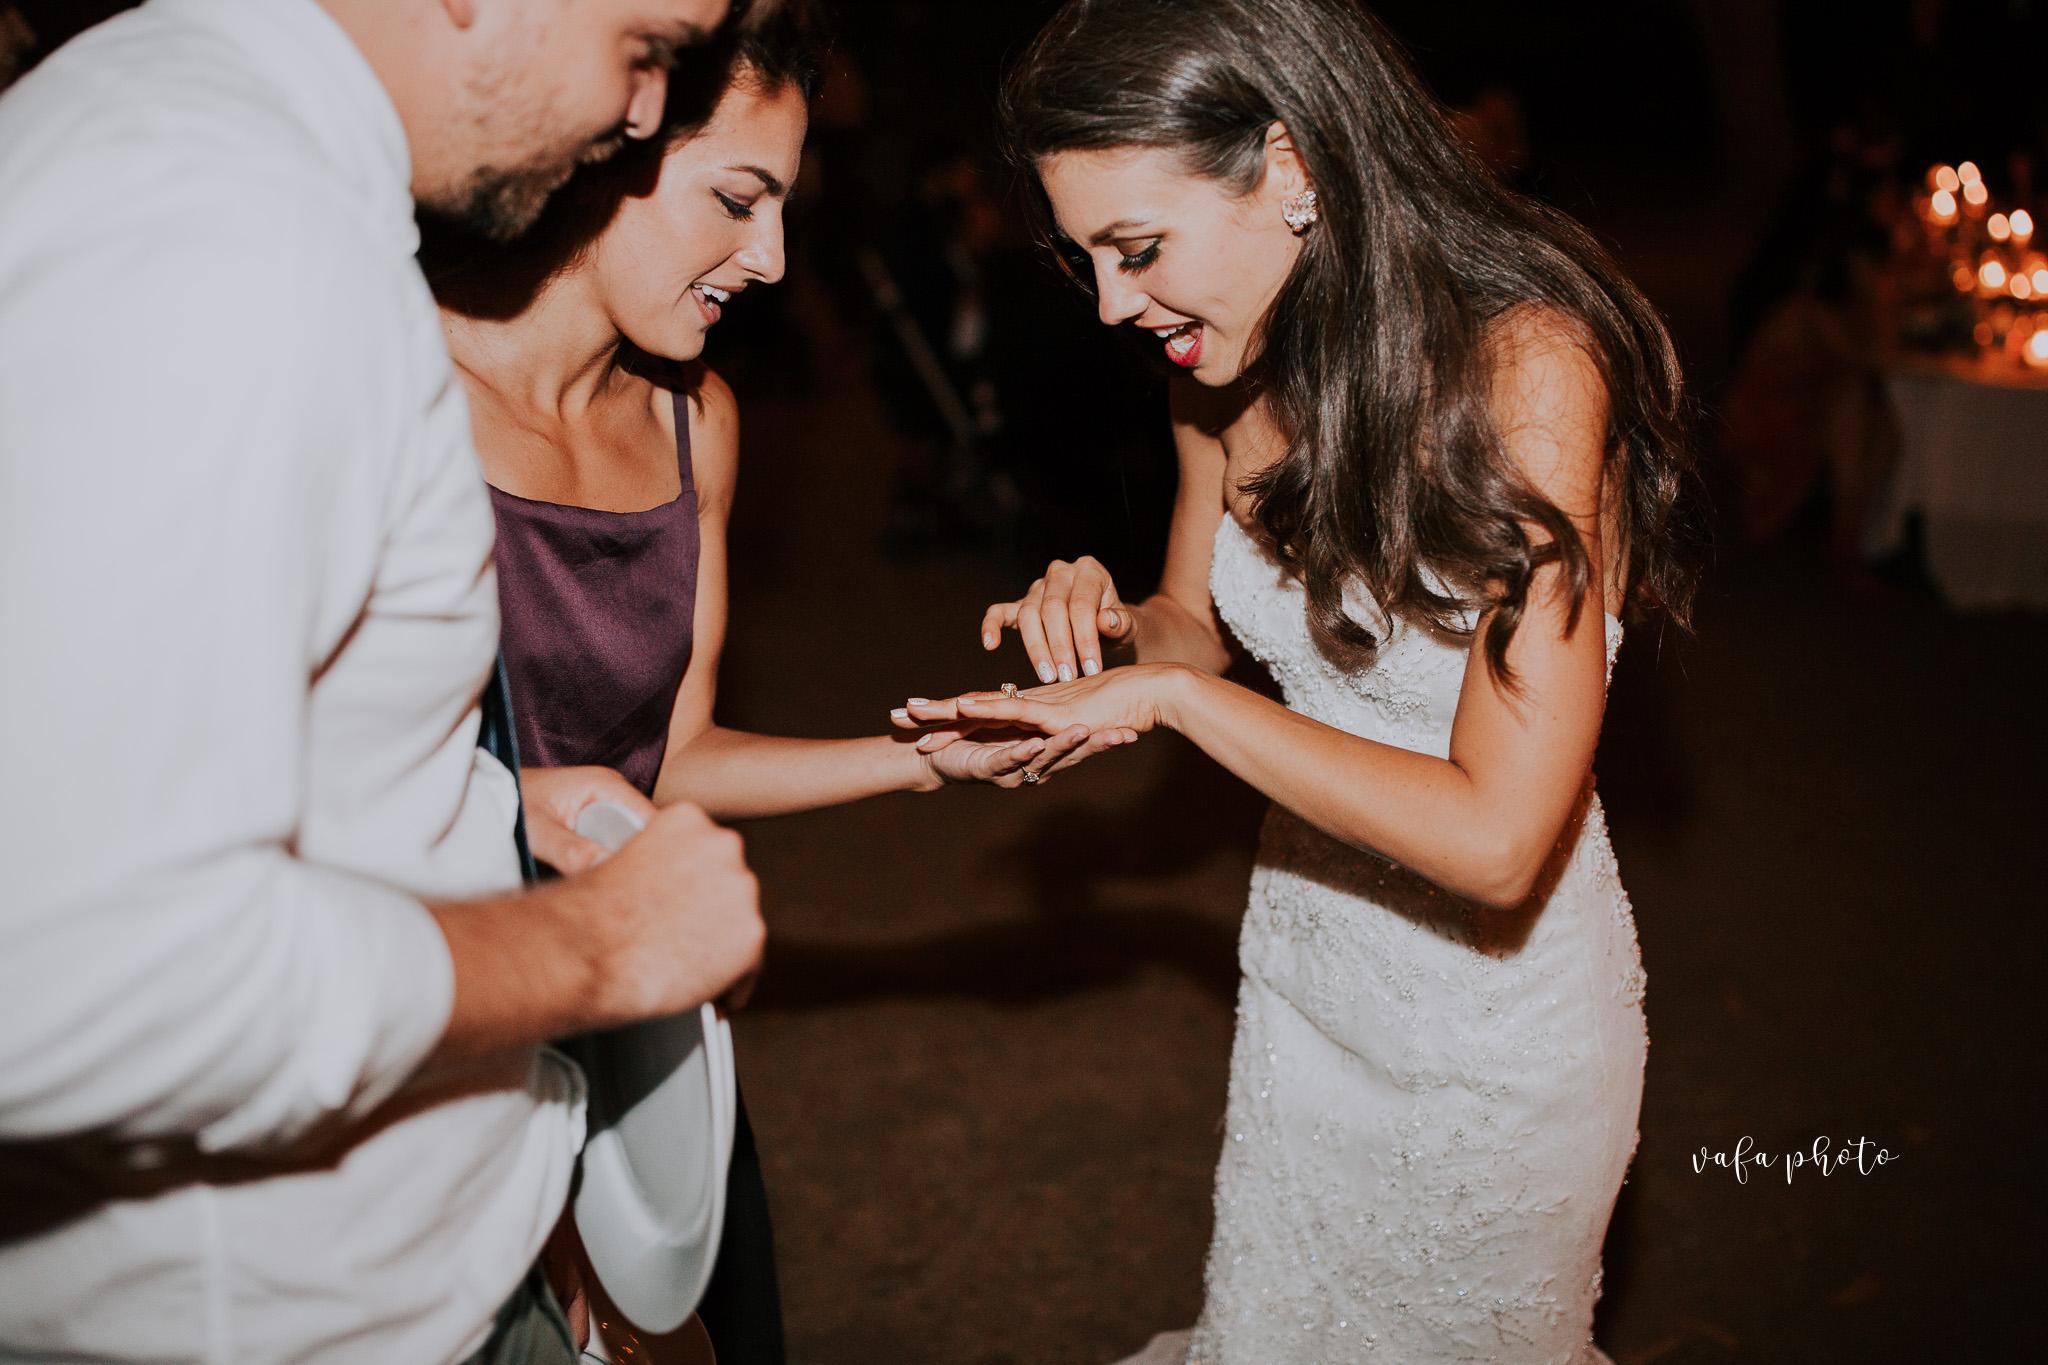 Southern-California-Wedding-Britt-Nilsson-Jeremy-Byrne-Vafa-Photo-870.jpg